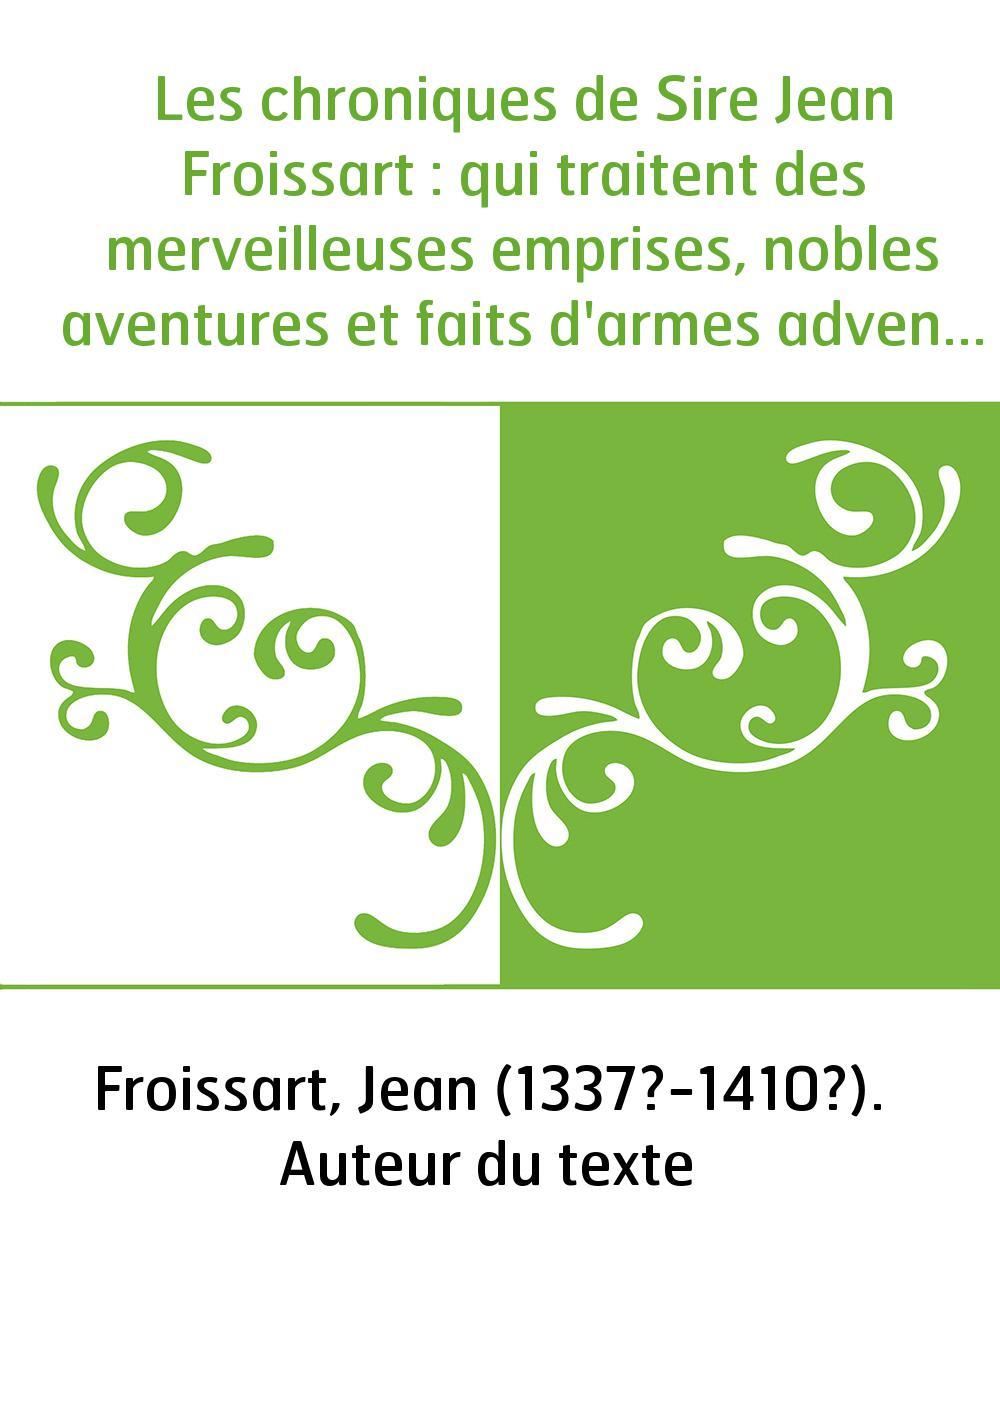 Les chroniques de Sire Jean Froissart : qui traitent des merveilleuses emprises, nobles aventures et faits d'armes advenus en so